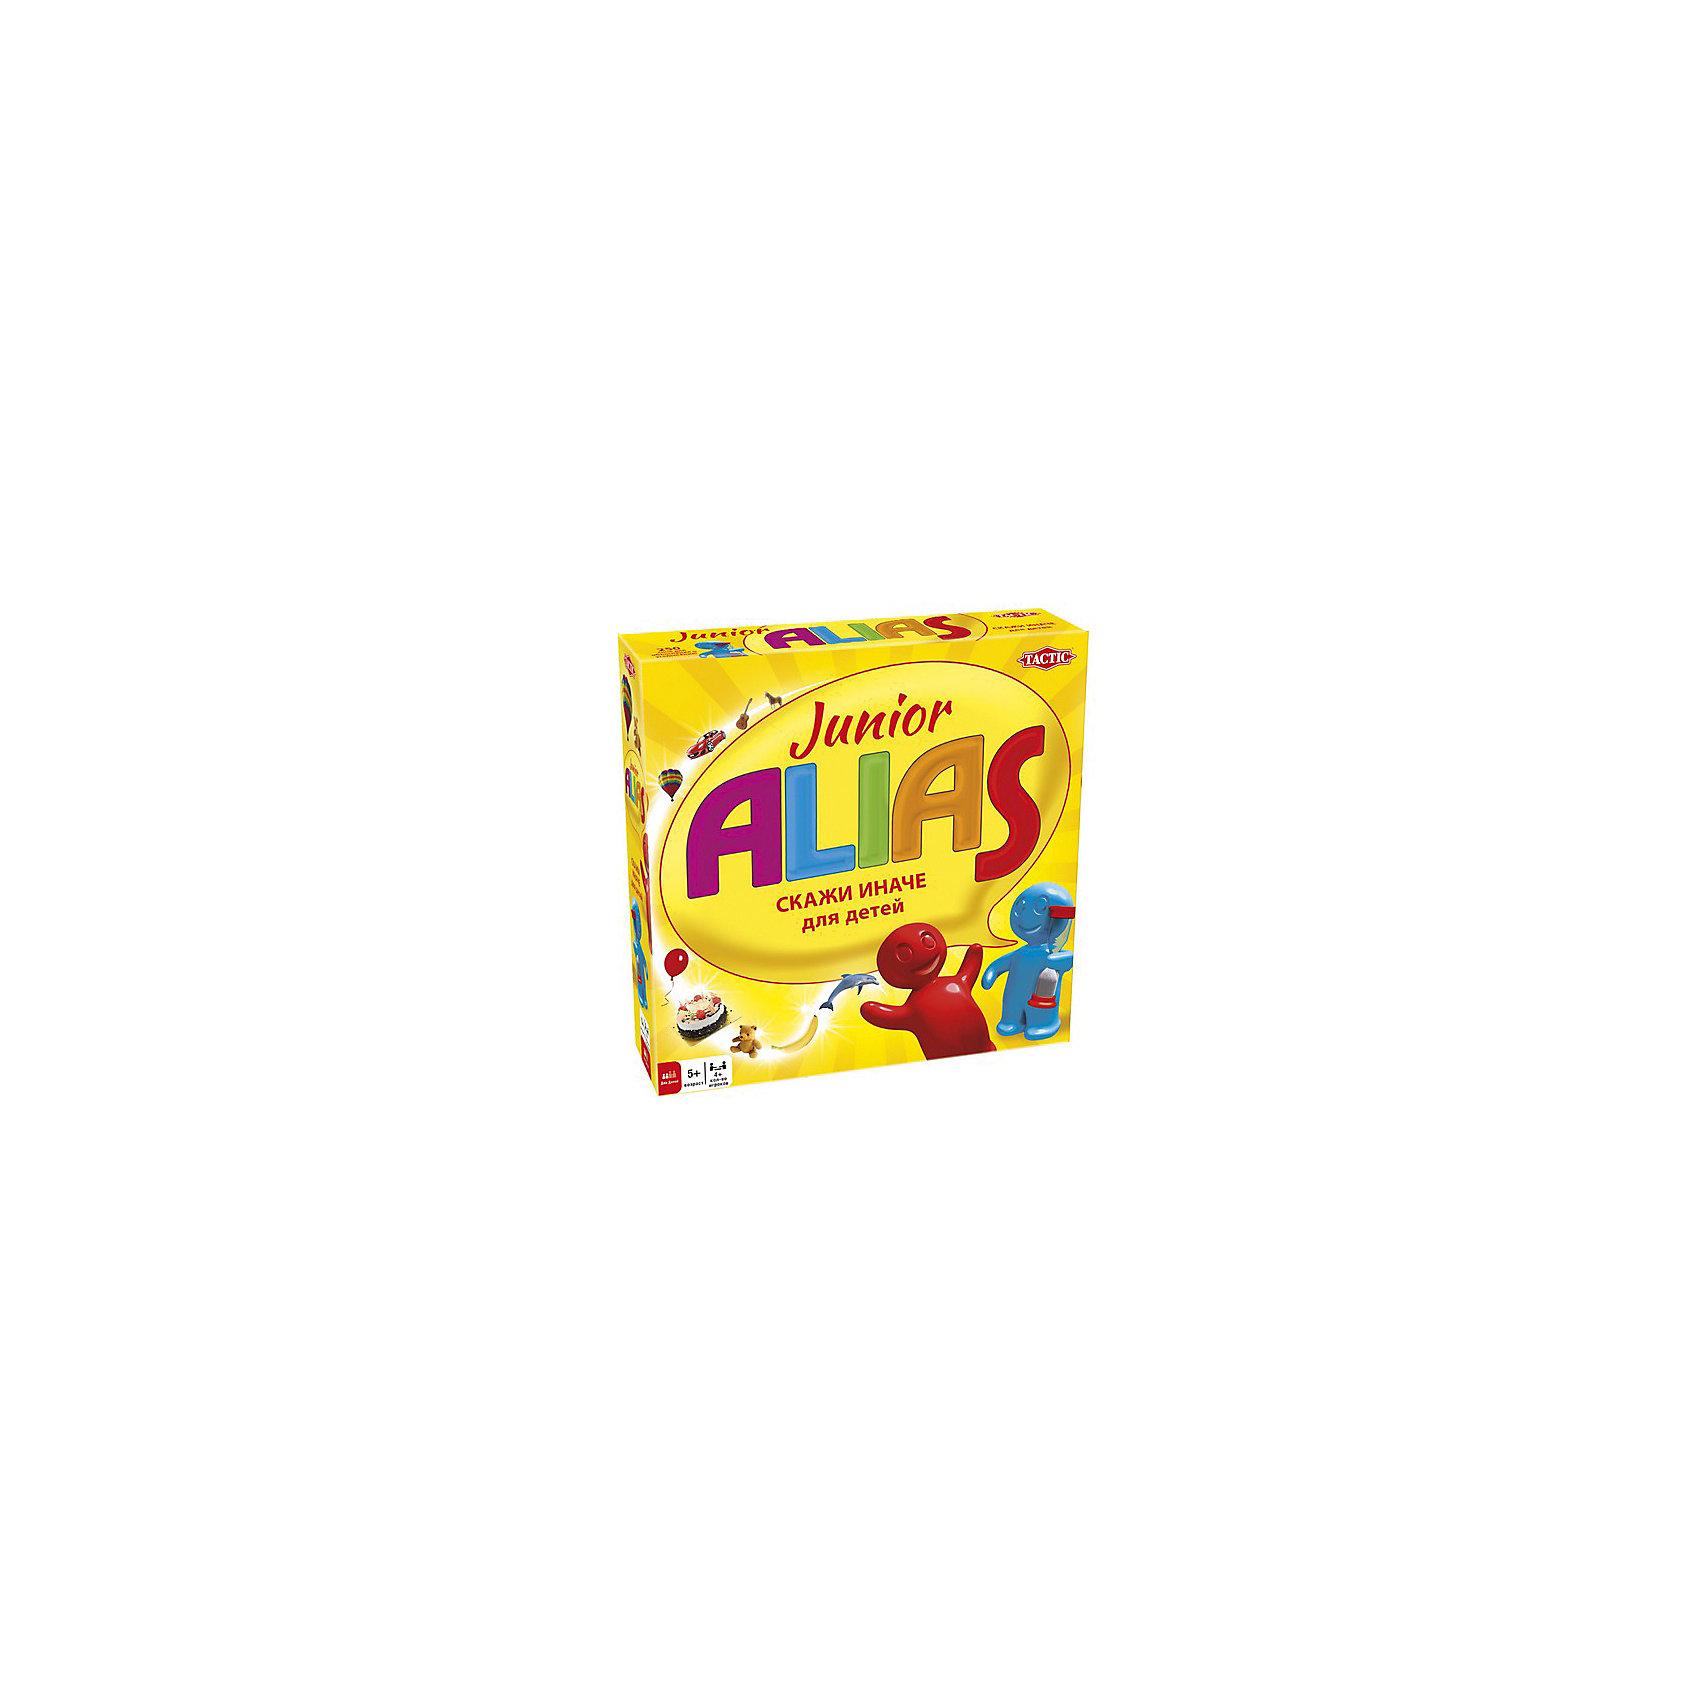 Игра Скажи иначе для малышей, версия 2, Tactic GamesИгра Скажи иначе (Alias) для малышей, версия 2, Tactic Games (Тактик Геймс) – эта увлекательная игра станет веселым развлечением для малышей.<br>Это обновленная версия любимой игры Alias (Скажи иначе), развивающей сообразительность, скорость реакции, внимательность и значительно улучшающая словарный запас и речь малышей. Новый дизайн коробочки стал еще удобнее и красочнее! В этой версии развивающей игры появились новые увлекательные задания и слова для разгадывания. Особенность данной версии заключается в том, что слова на карточках не только написаны, но и изображены, это позволяет играть в нее даже детям, которые еще не умеют читать. Сложность заданий подобрана таким образом, чтобы самый маленький участник смог как объяснить, так и угадать слово, изображенное на карточке. Дети с удовольствием поиграют в Alias (Скажи иначе), настольная игра надолго увлечет юных эрудитов. Малышам нравится выигрывать, поэтому они с огромным рвением будут выполнять задания и зарабатывать очки для своей команды. Например, предстоит объяснить слово, используя антонимы и синонимы или звукоподражание. Кажется все так-то просто, но песок в песочных часах неумолимо просыпается вниз! Играйте вместе с малышами и веселитесь от души! Все детали игры безопасны и сделаны из материалов высокого качества.<br><br>Дополнительная информация:<br><br>- В комплекте настольной игры: игровое поле, карточки-задания (250 шт.), 6 игральных фишек, песочные часы для отсчета времени хода, подробные правила на русском языке<br>- Количество игроков: от 4 человек<br>- Возраст: от 5 лет и старше<br>- Время игры: более 30 мин.<br>- Материал: картон, пластик<br>- Размер коробки: 25 х 25 х 6,2 см.<br>- Вес: 892 гр.<br><br>Игру Скажи иначе для малышей, версия 2, Tactic Games (Тактик Геймс) можно купить в нашем интернет-магазине.<br><br>Ширина мм: 250<br>Глубина мм: 250<br>Высота мм: 62<br>Вес г: 892<br>Возраст от месяцев: 60<br>Возраст до месяцев: 120<br>Пол: Унисекс<b